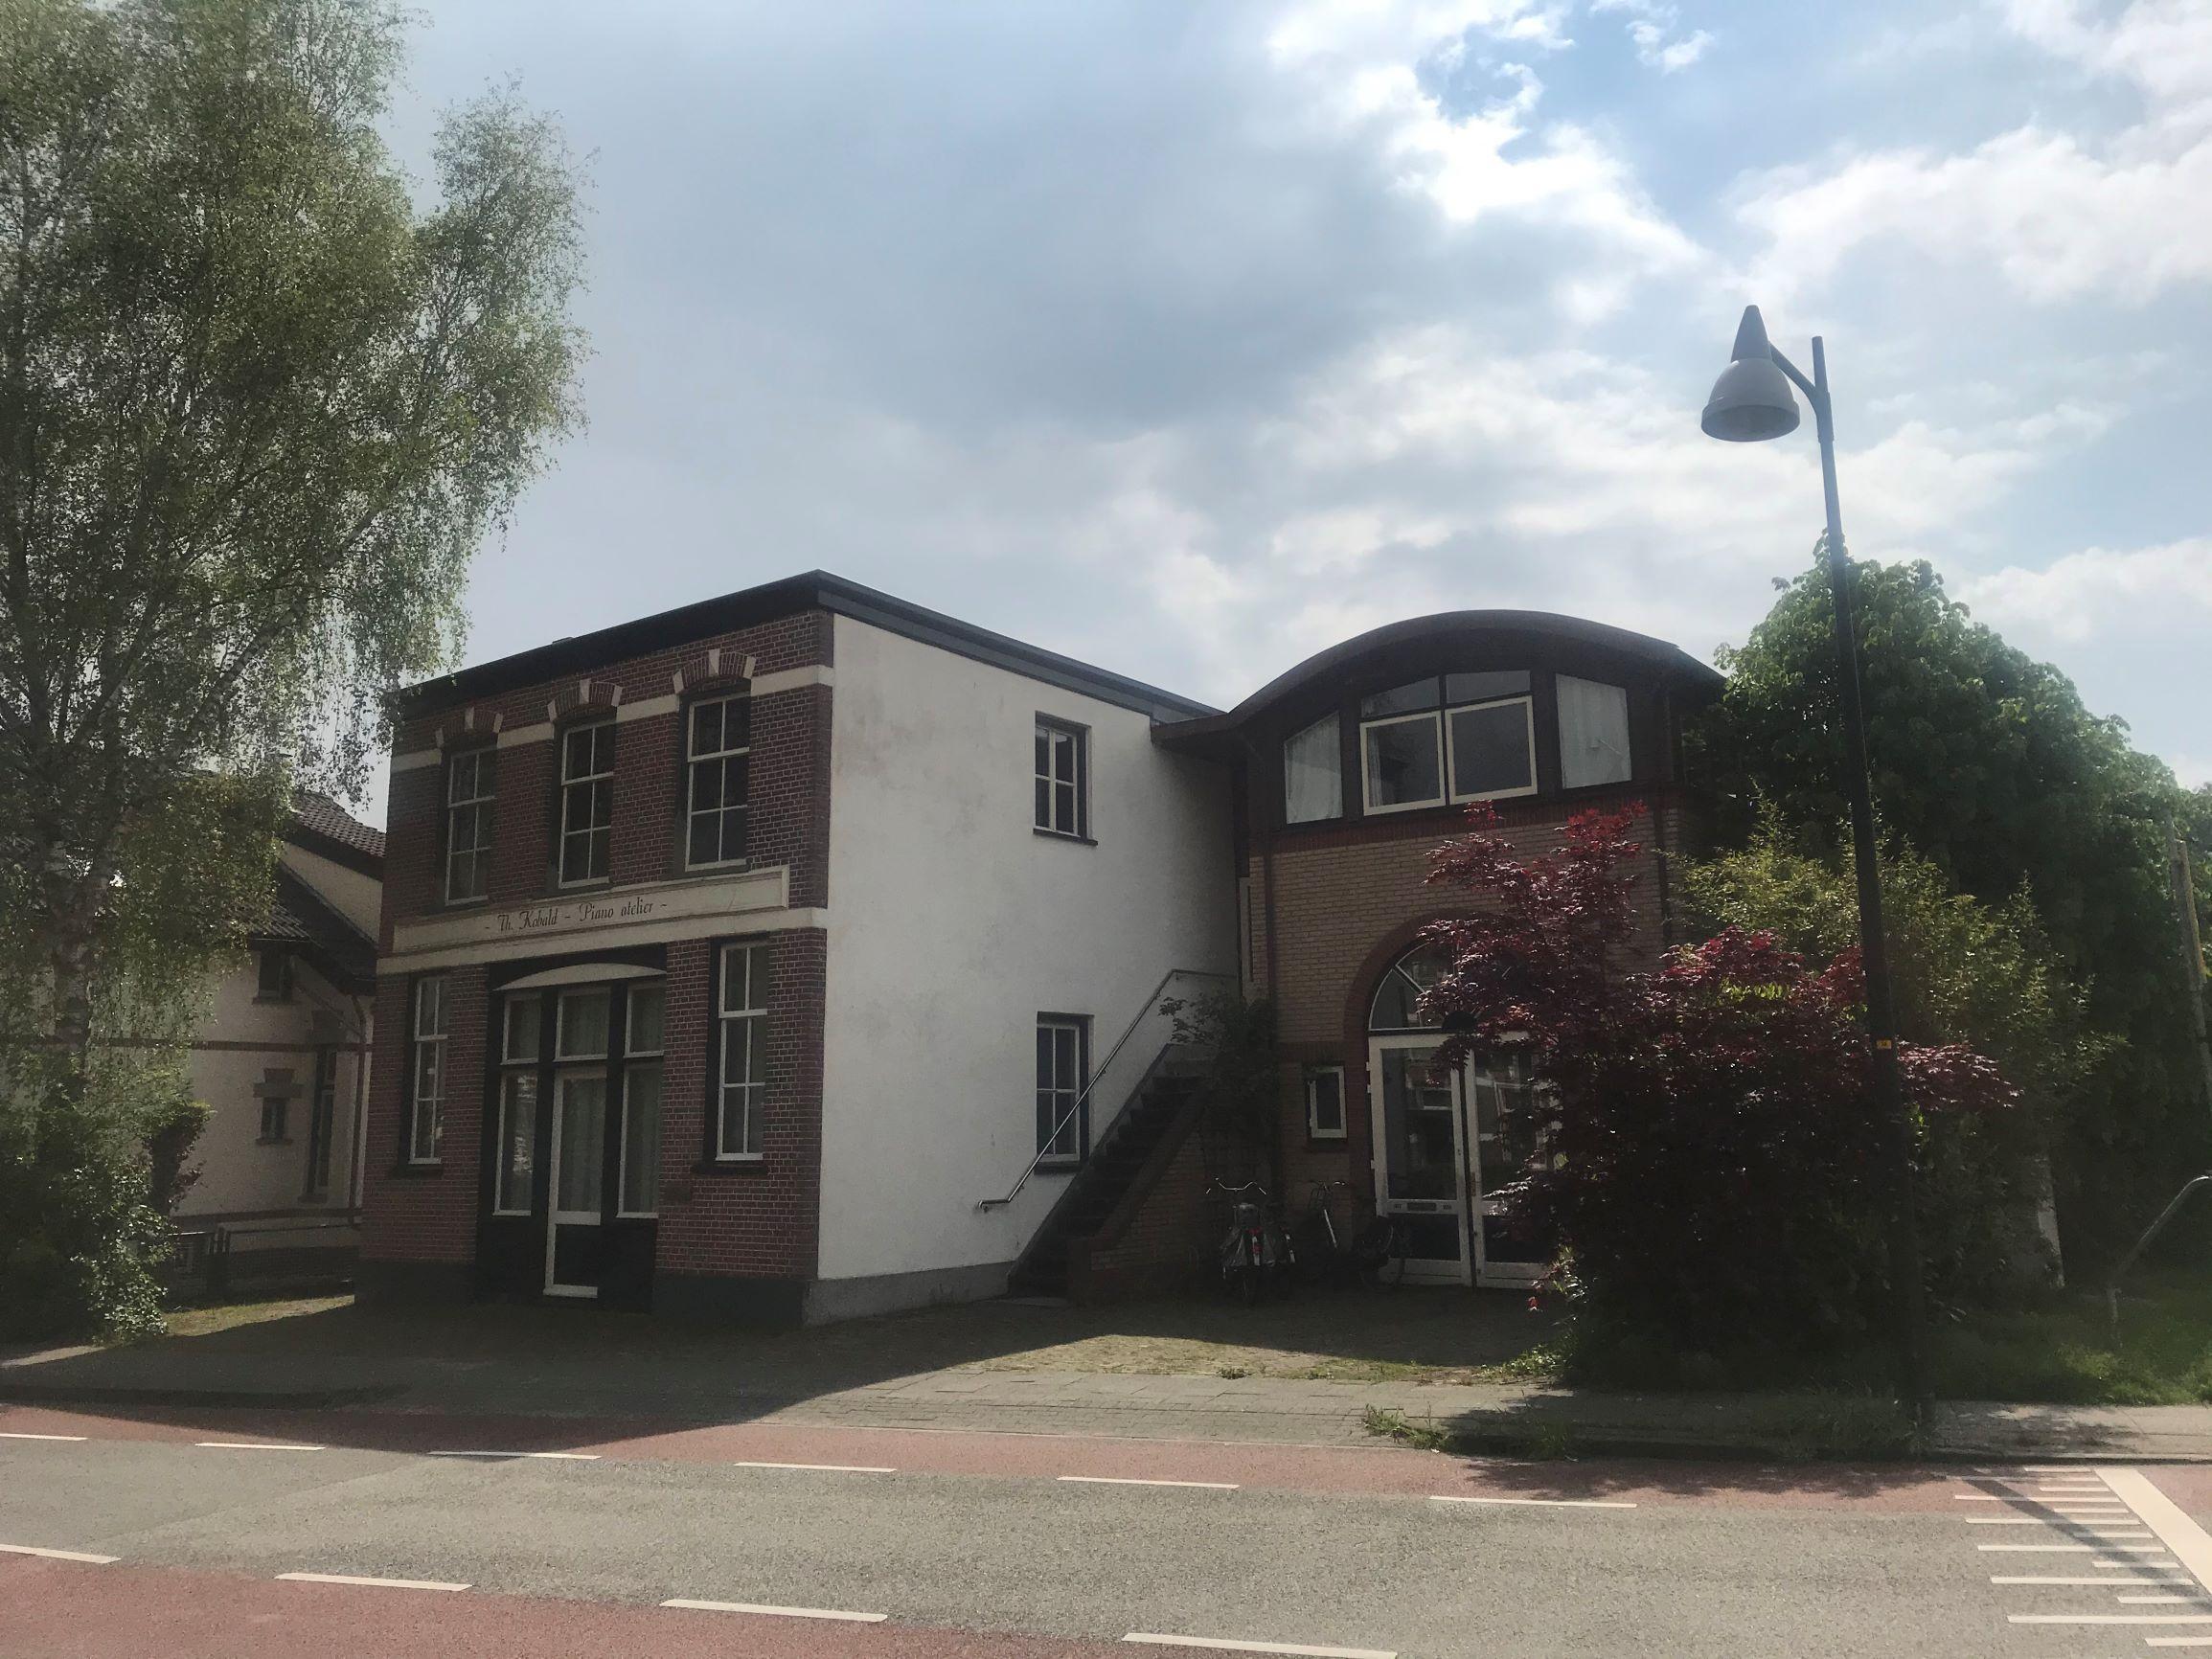 Ik huur de bovenzaal van dit pand aan de Asselsestraat 167 in Apeldoorn. Voor de opleiding tot Luisterkindwerker en voor workshops